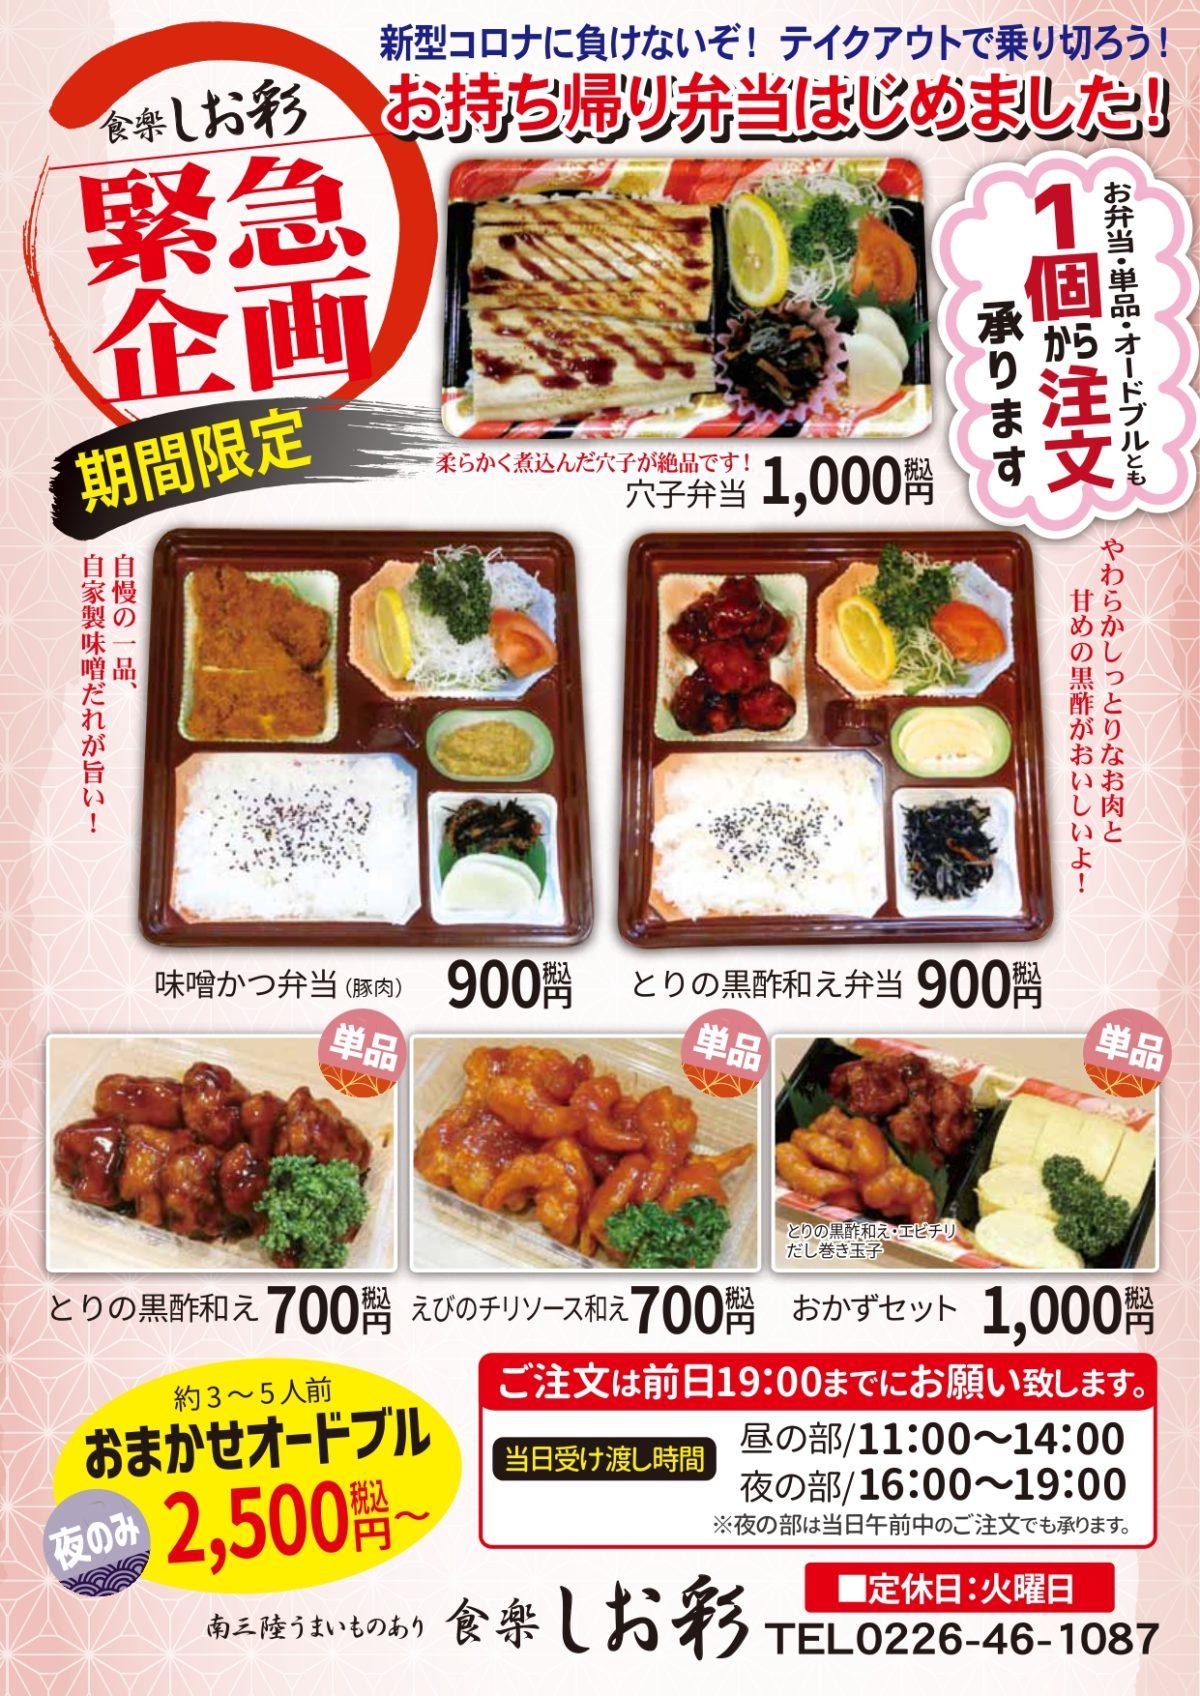 4月22日(水)から『食楽 しお彩』のテイクアウトが始まります!